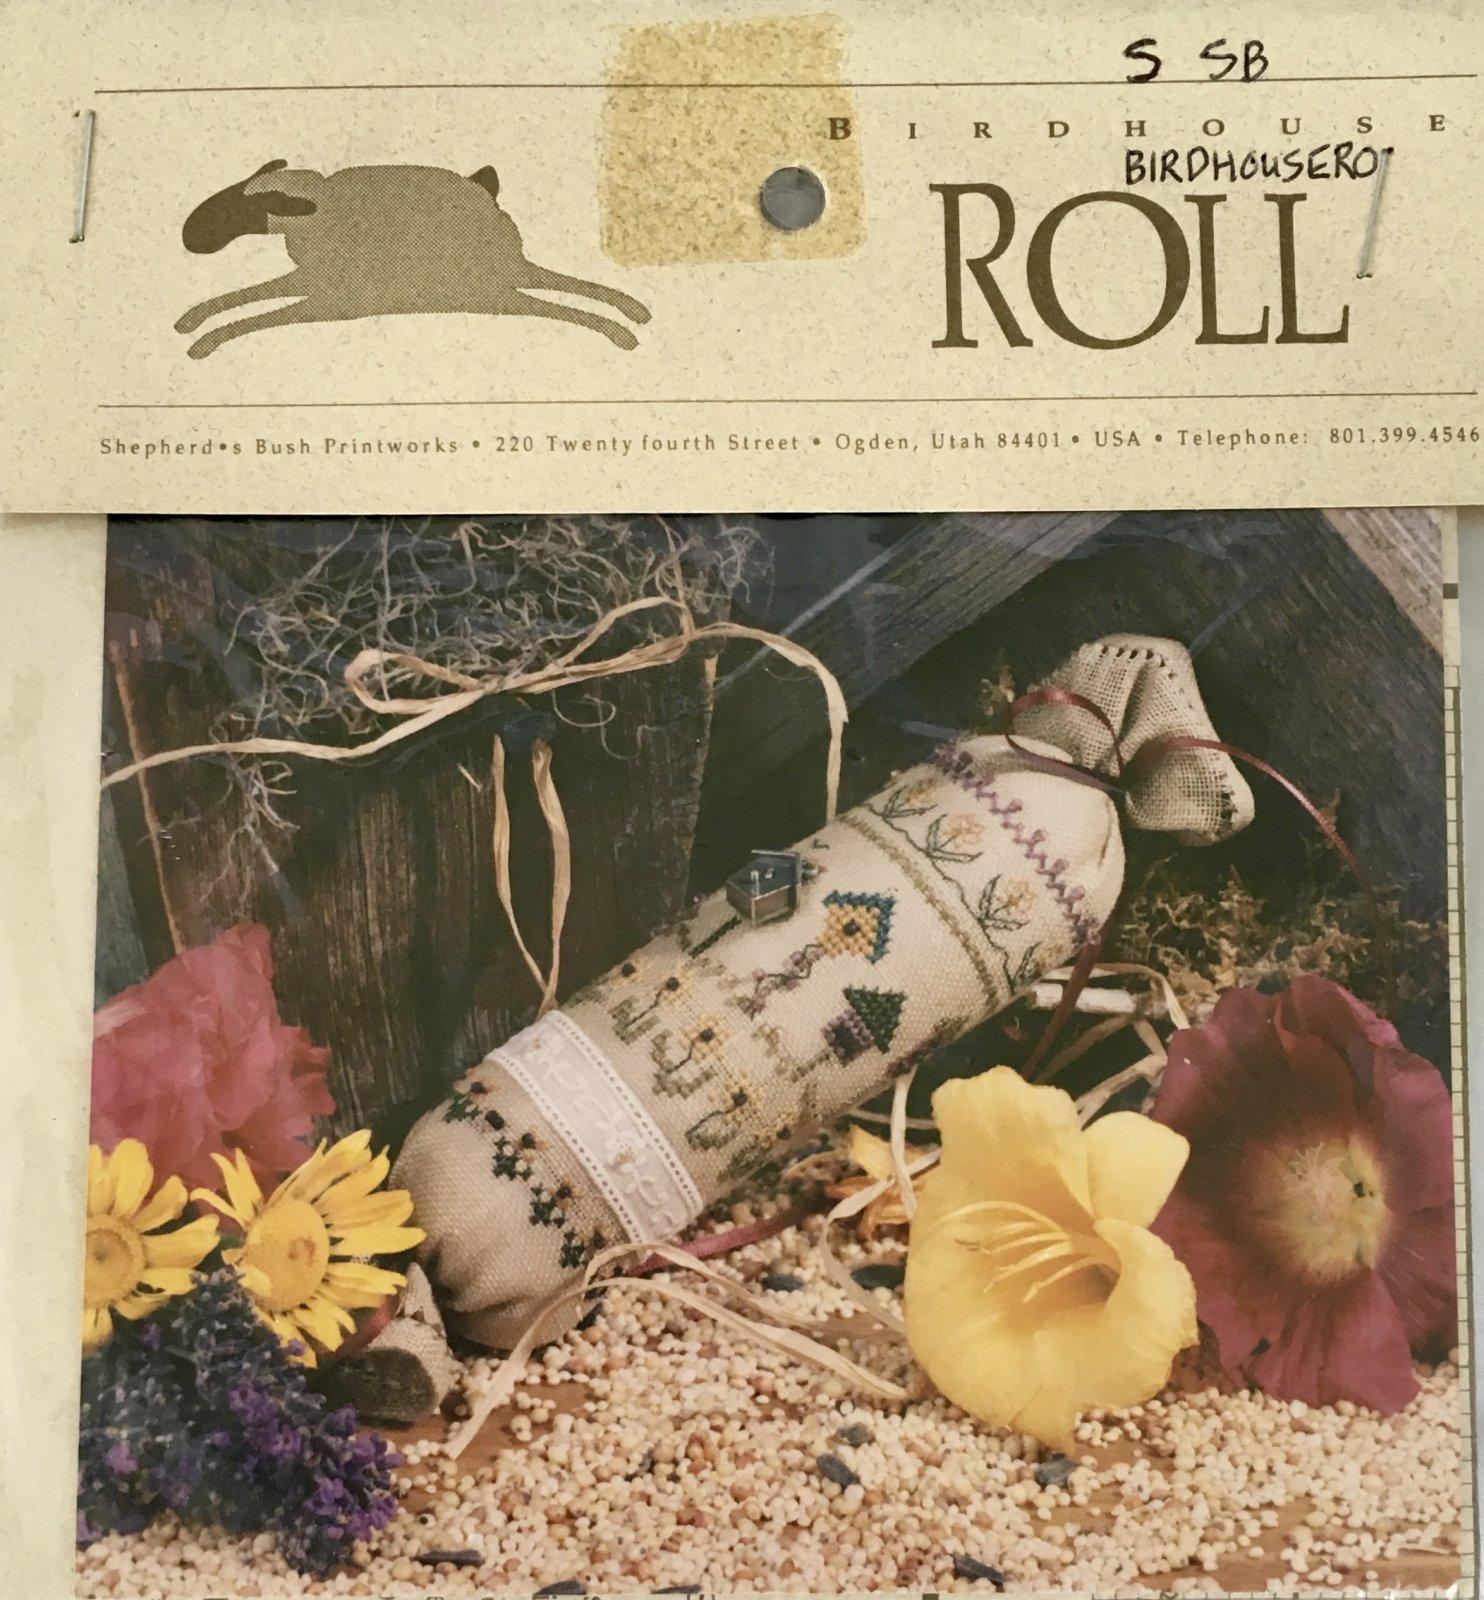 Shepherd's Bush: Birdhouse Roll Kit